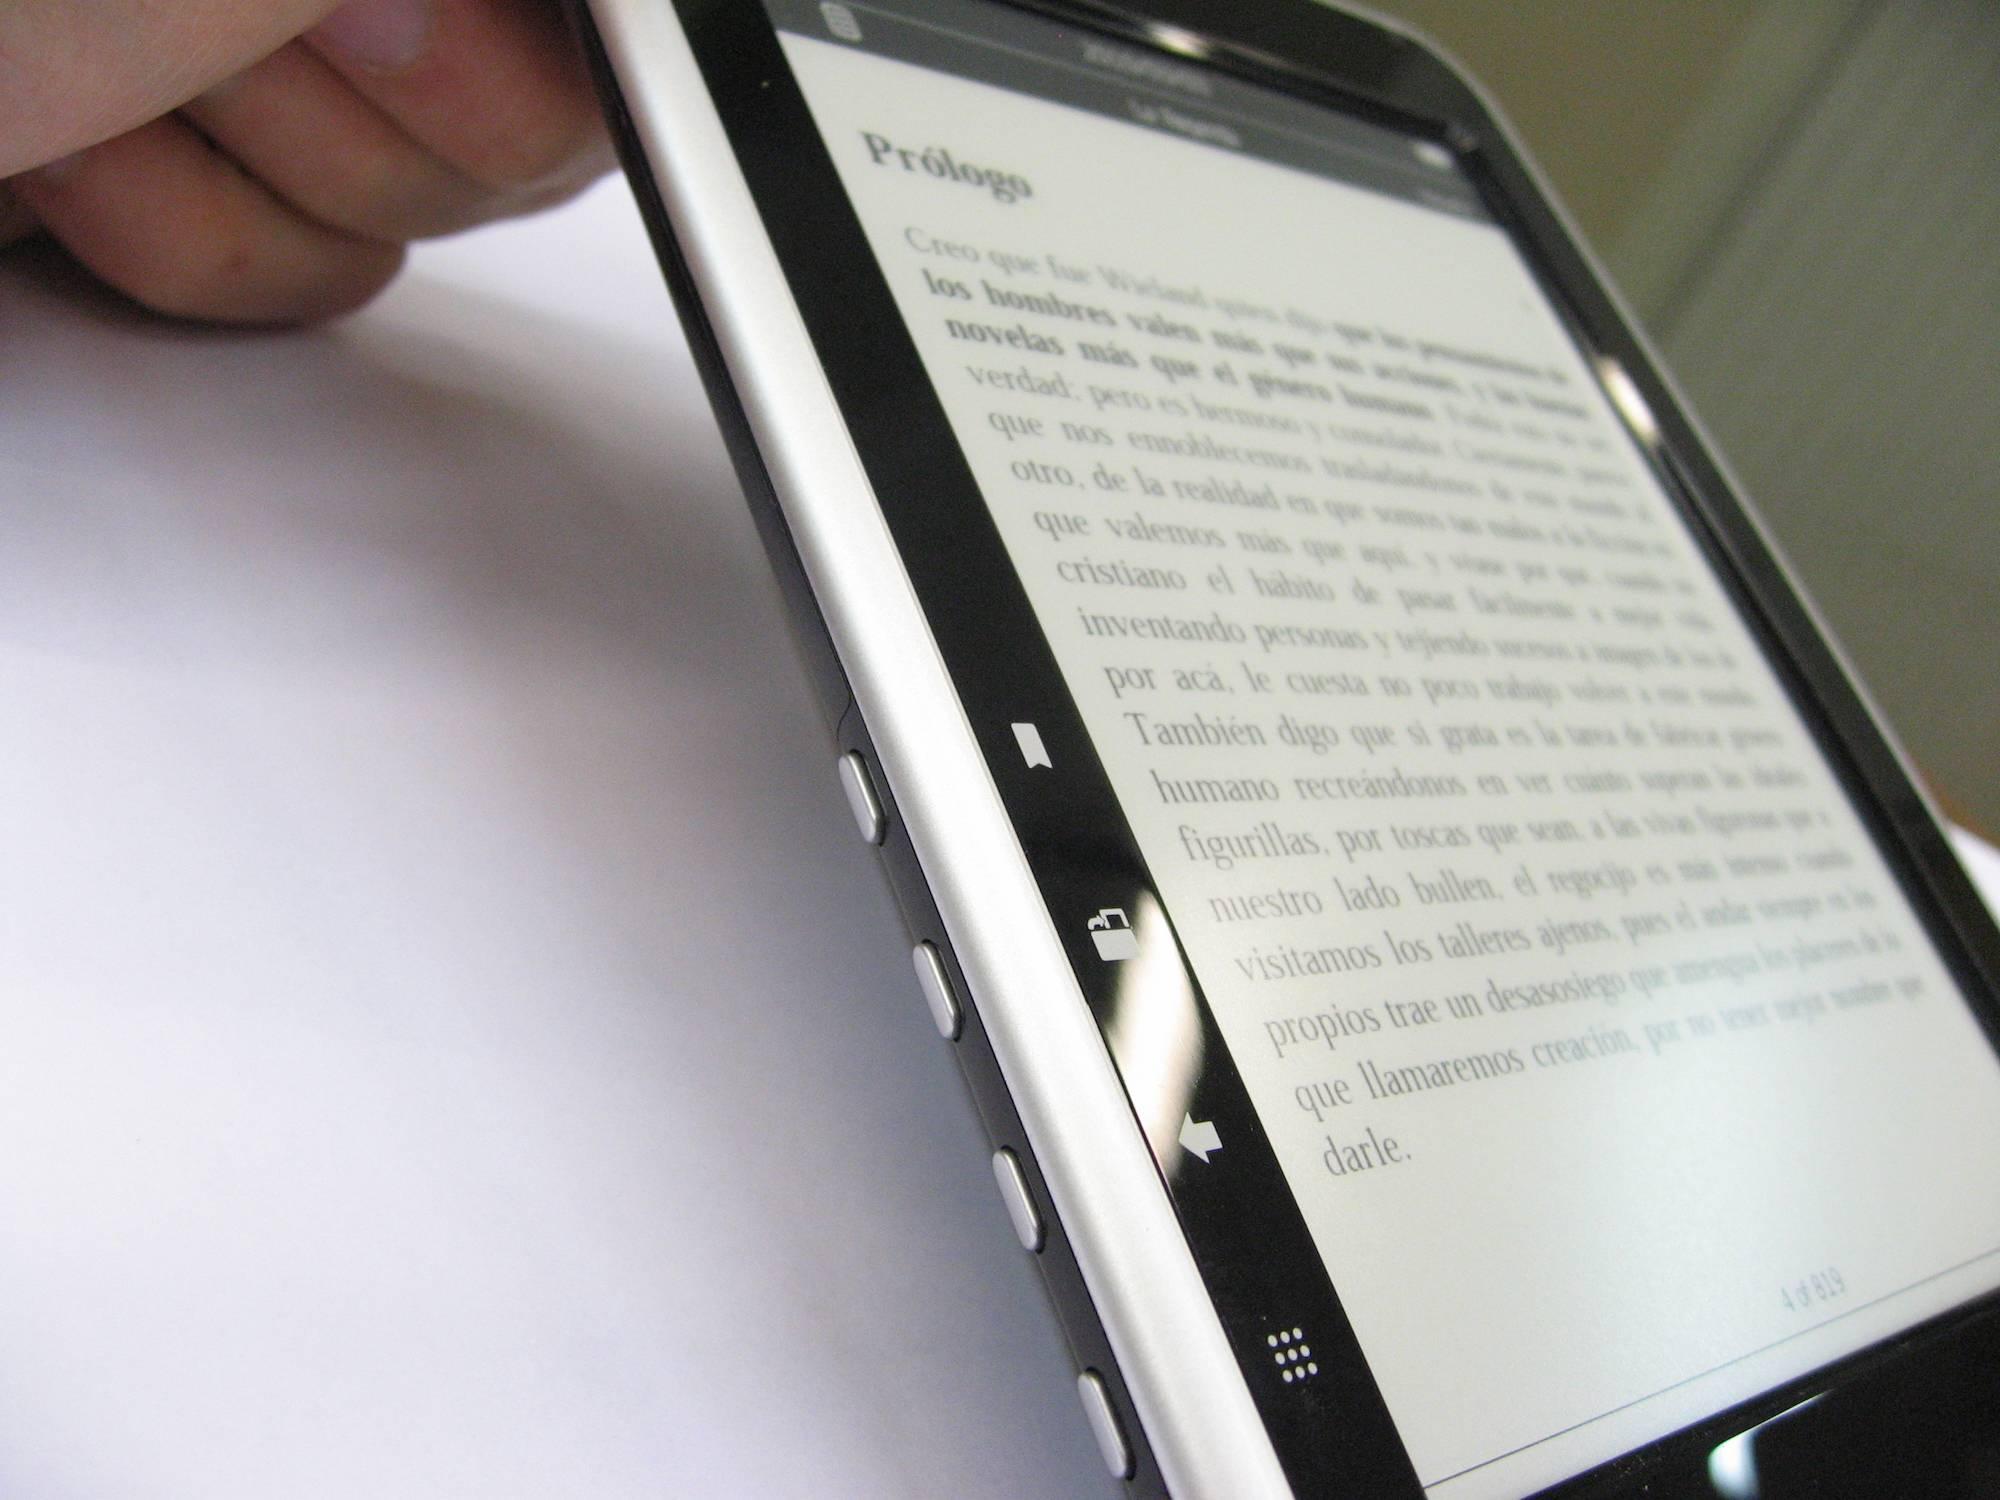 libro electronico - 1.500 nuevos ejemplares en el servicio de préstamos de libros eBiblio Castilla-La Mancha